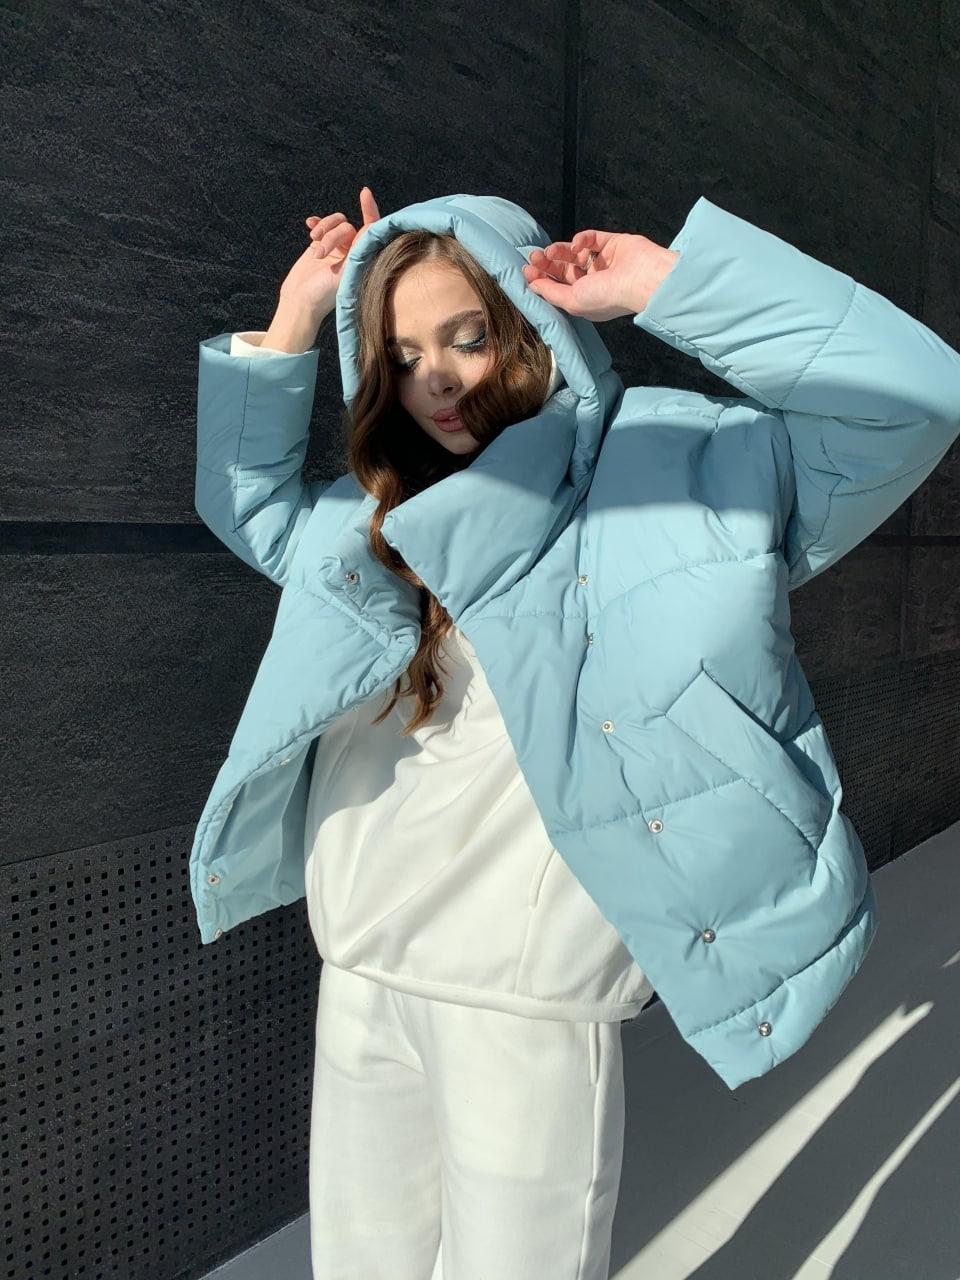 Уно short куртка из плащевой ткани Ammy 10927 АРТ. 47401 Цвет: Олива - фото 9, интернет магазин tm-modus.ru